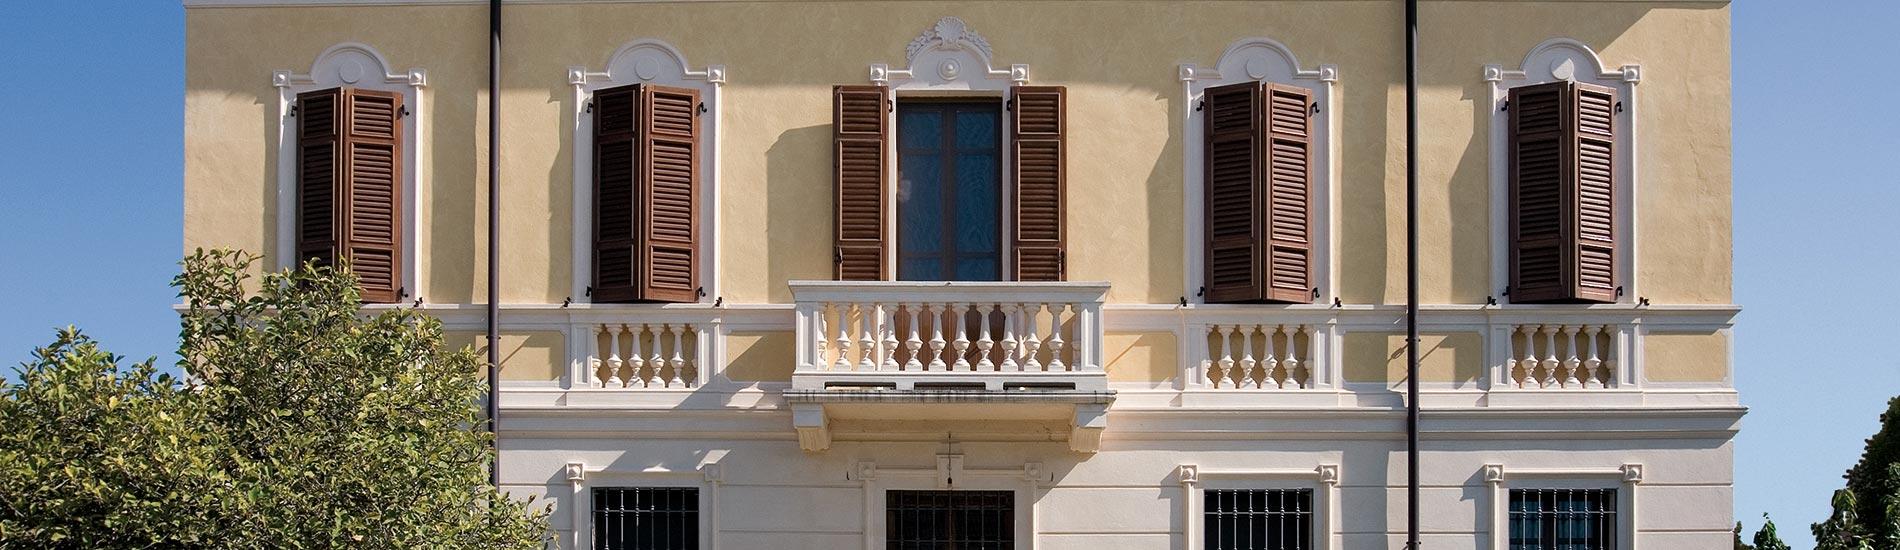 Infissi Per Balconi. Chiusura Terrazzo With Infissi Per Balconi ...